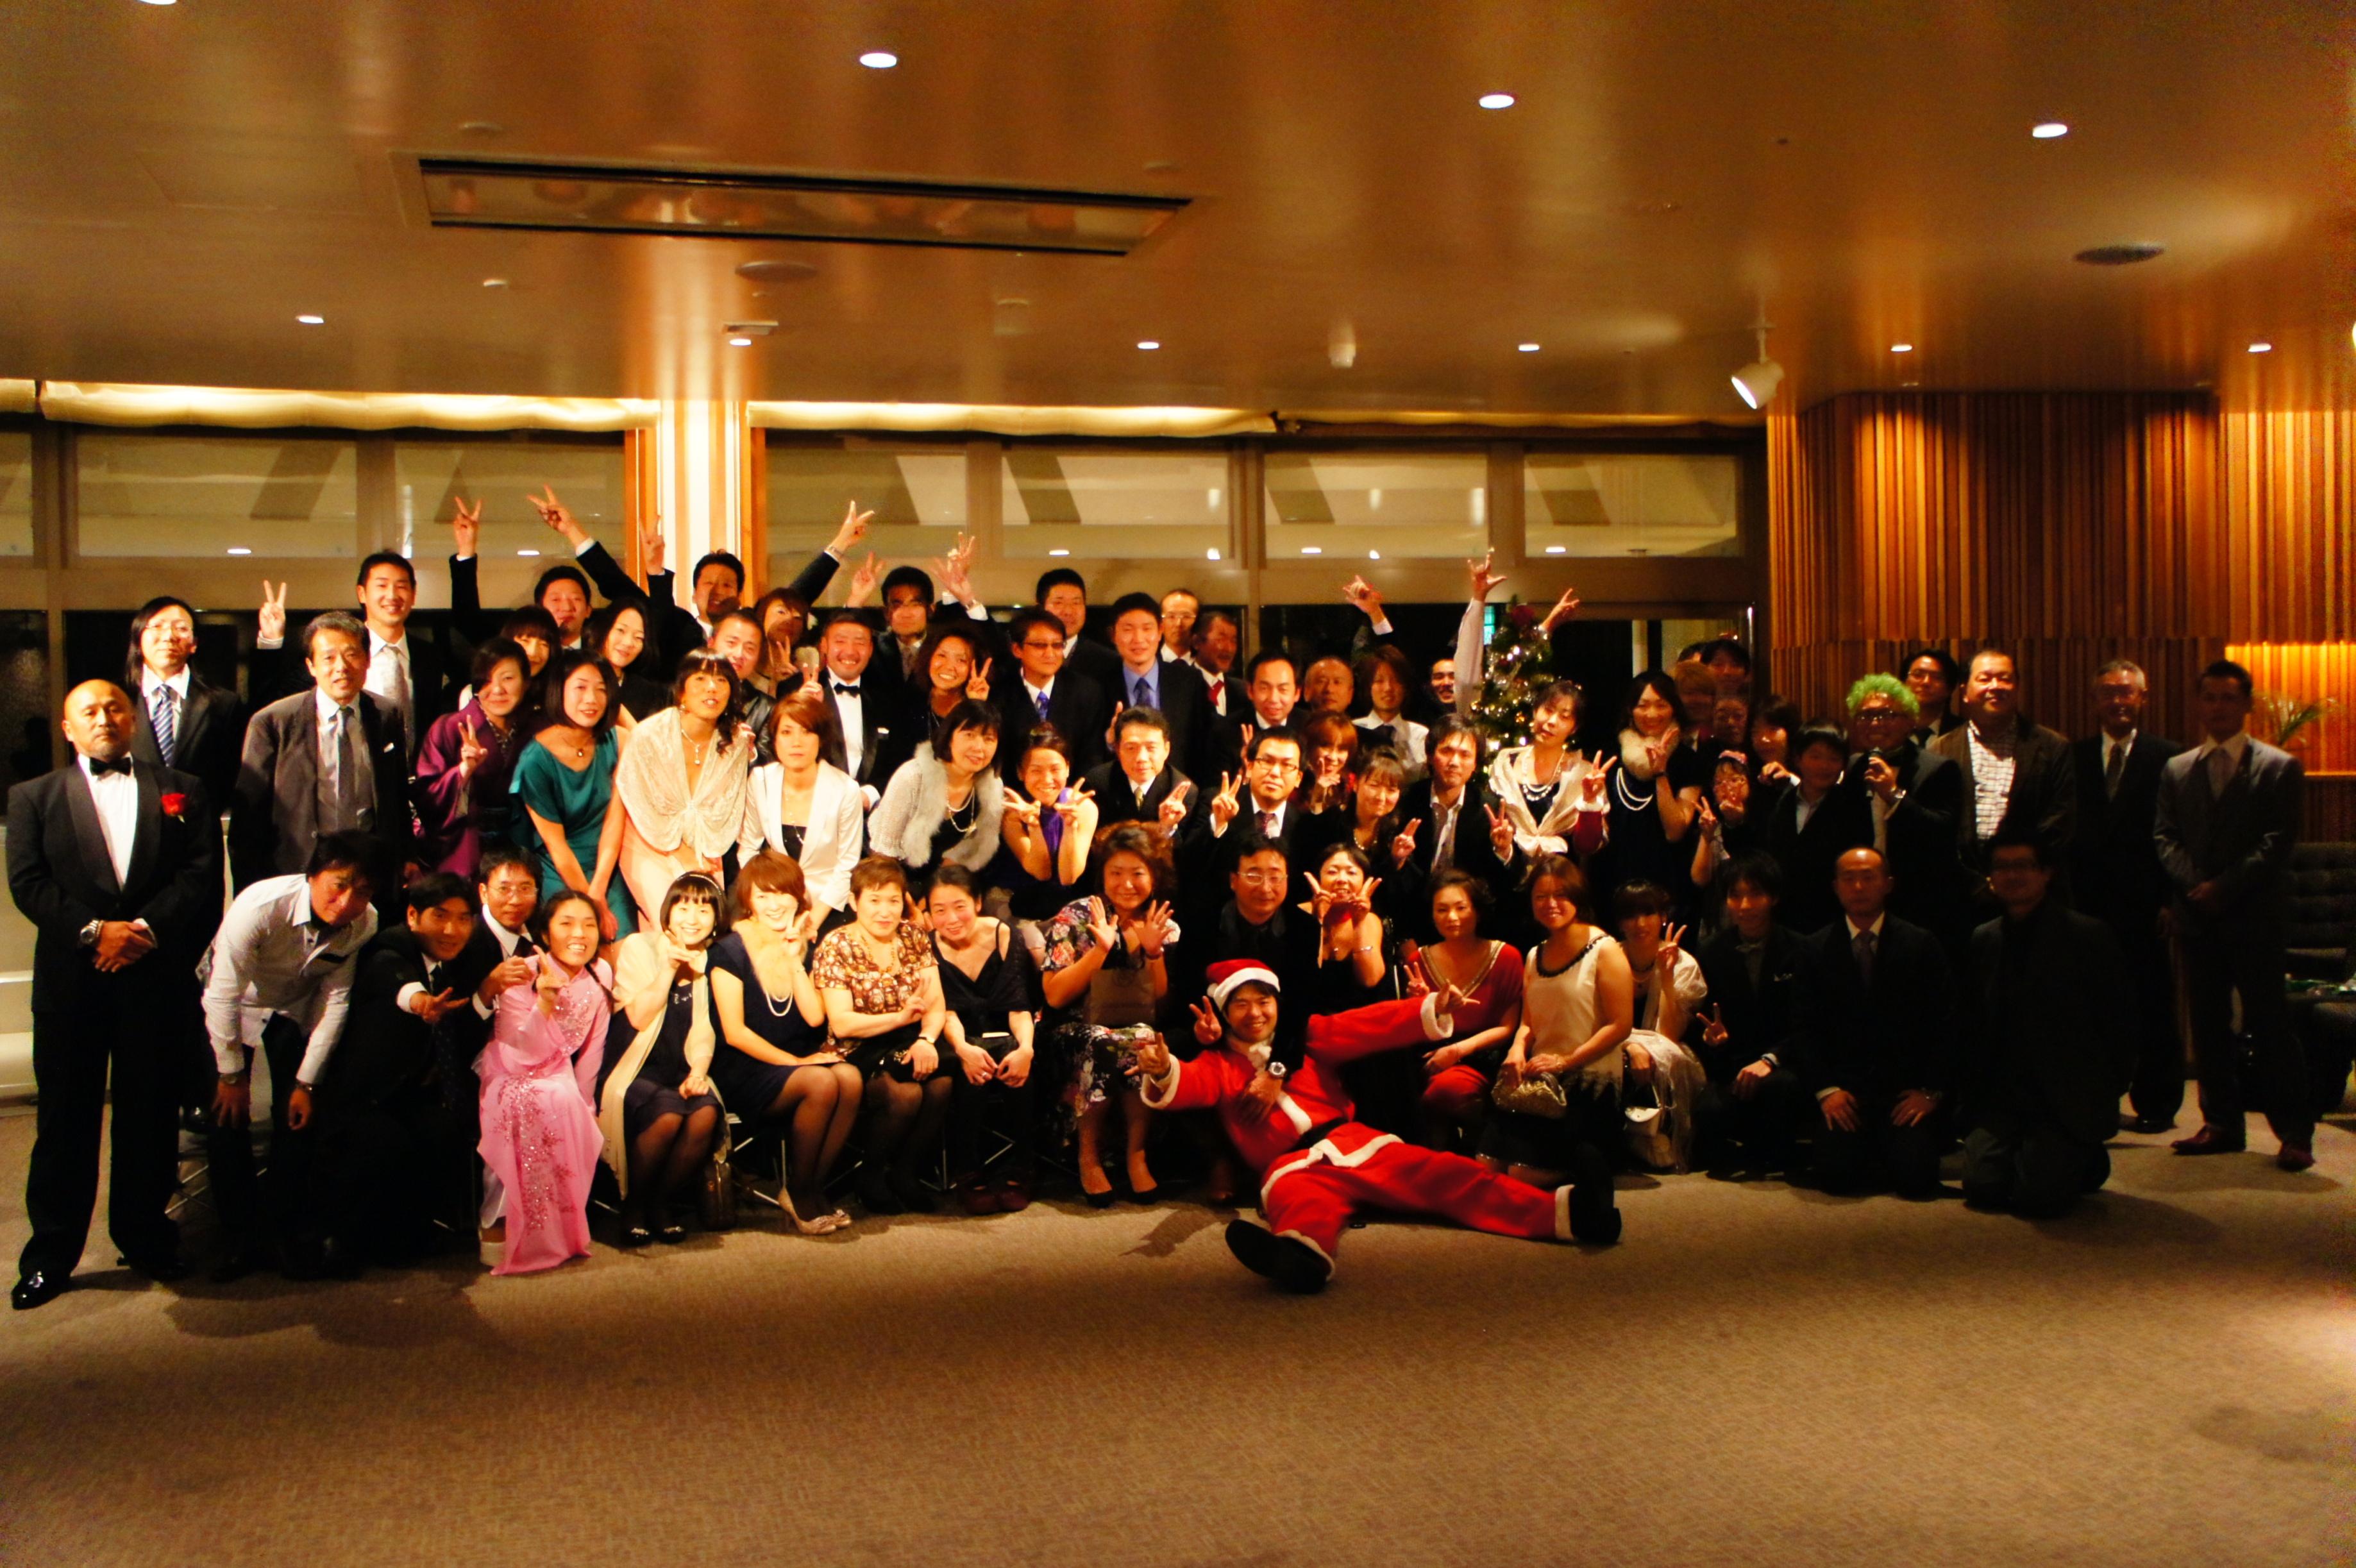 クリスマスパーティ!! at 横浜 マリンタワー[2]